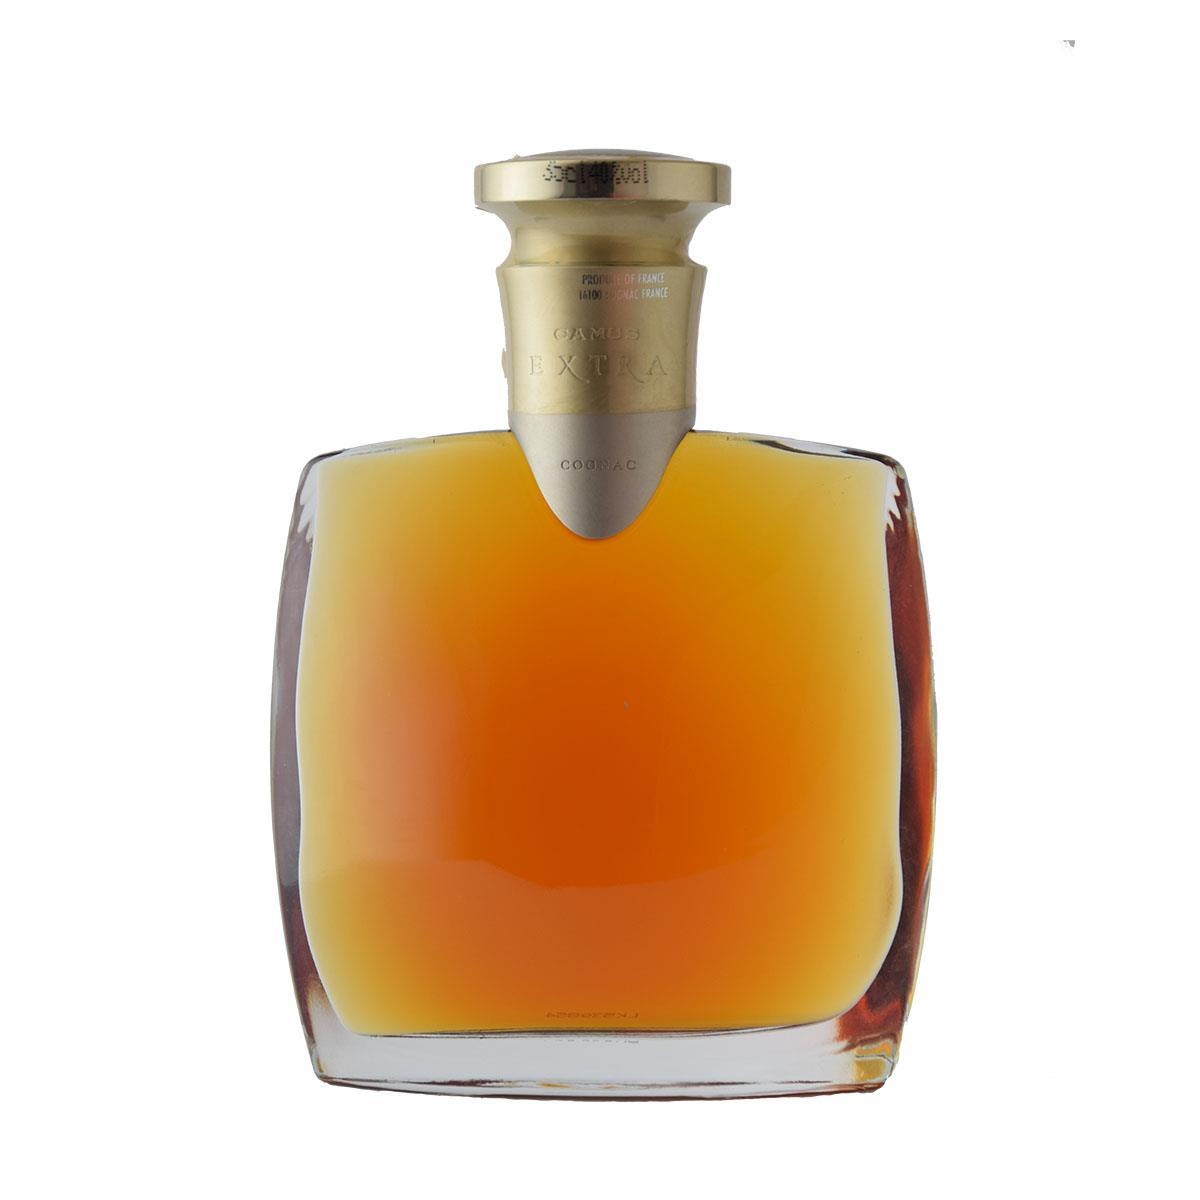 Camus Extra Version Cognac 350ml